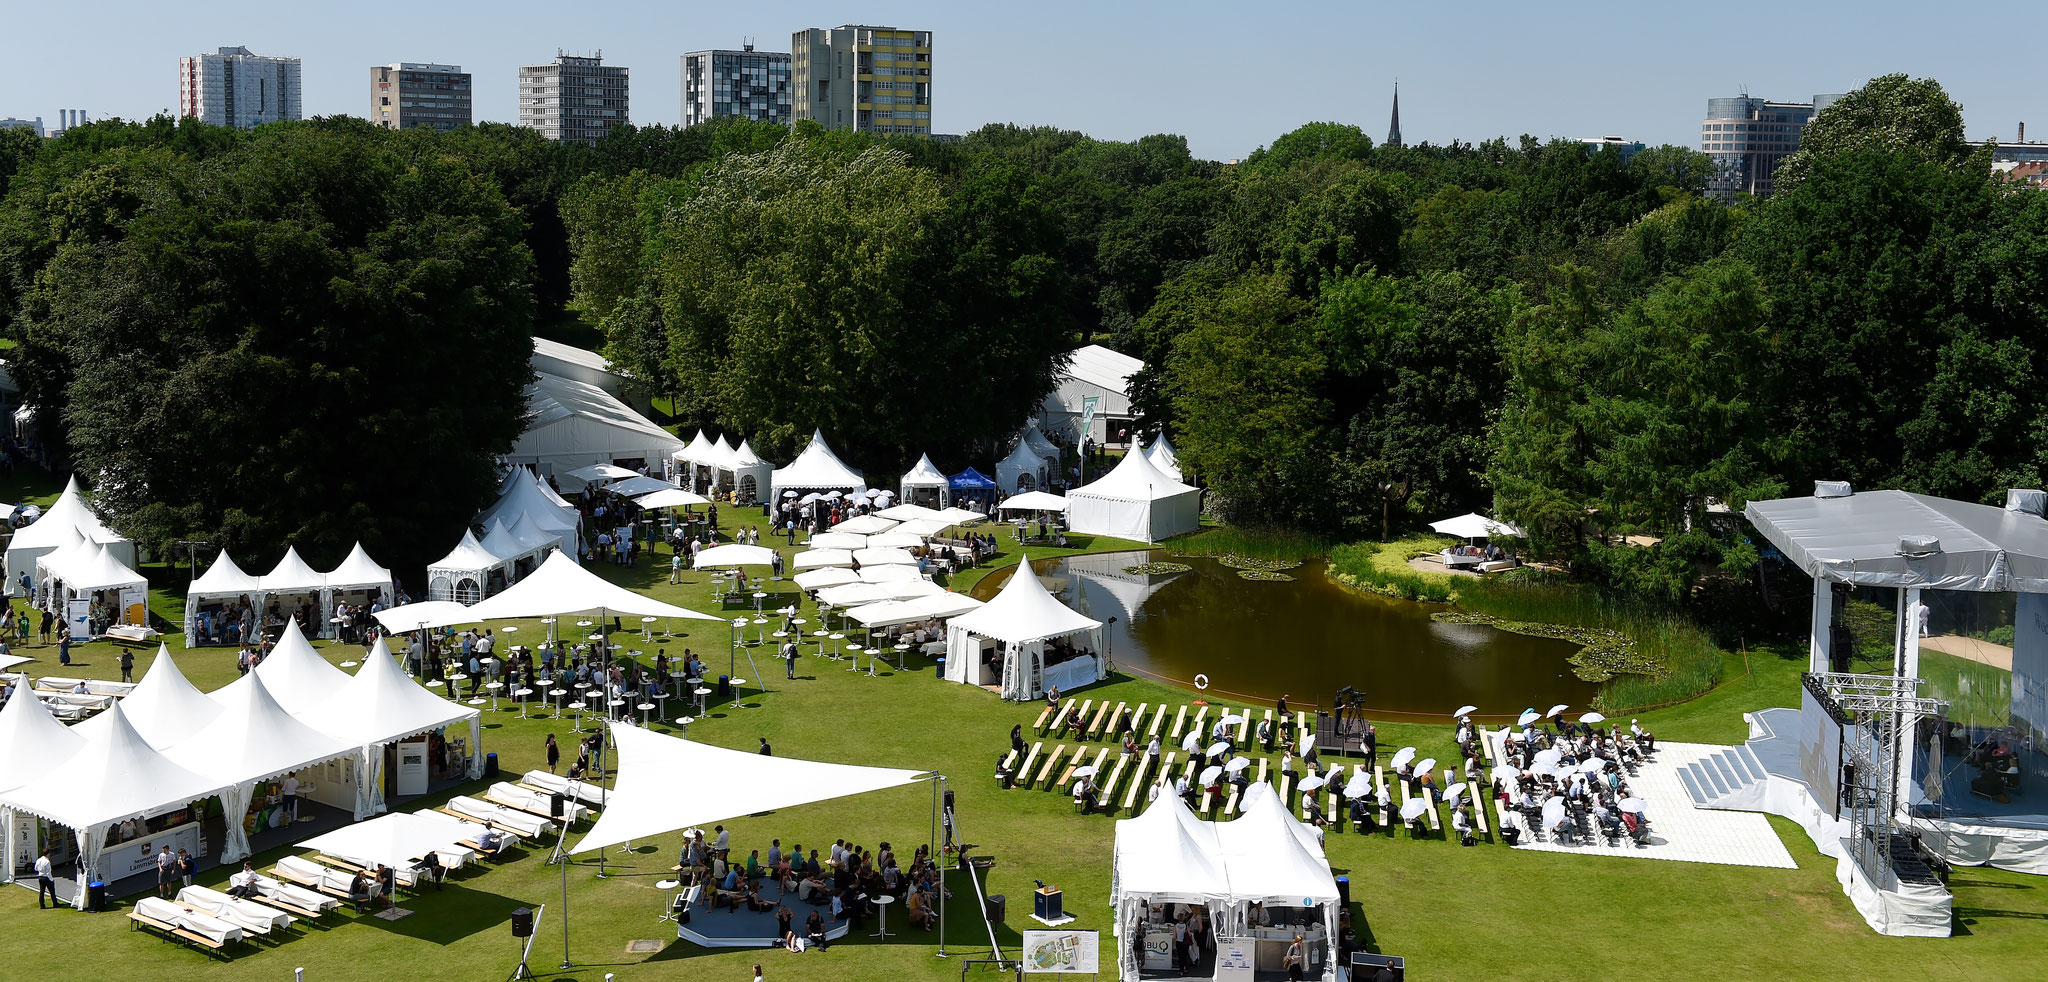 Am 7. und 8. Juni lud Bundespräsident Gauck zusammen mit der Deutschen Bundesstiftung Umwelt zur Woche der Umwelt 2016 in den Park von Schloss Bellevue. Foto: DBU Archiv, P. Himsel